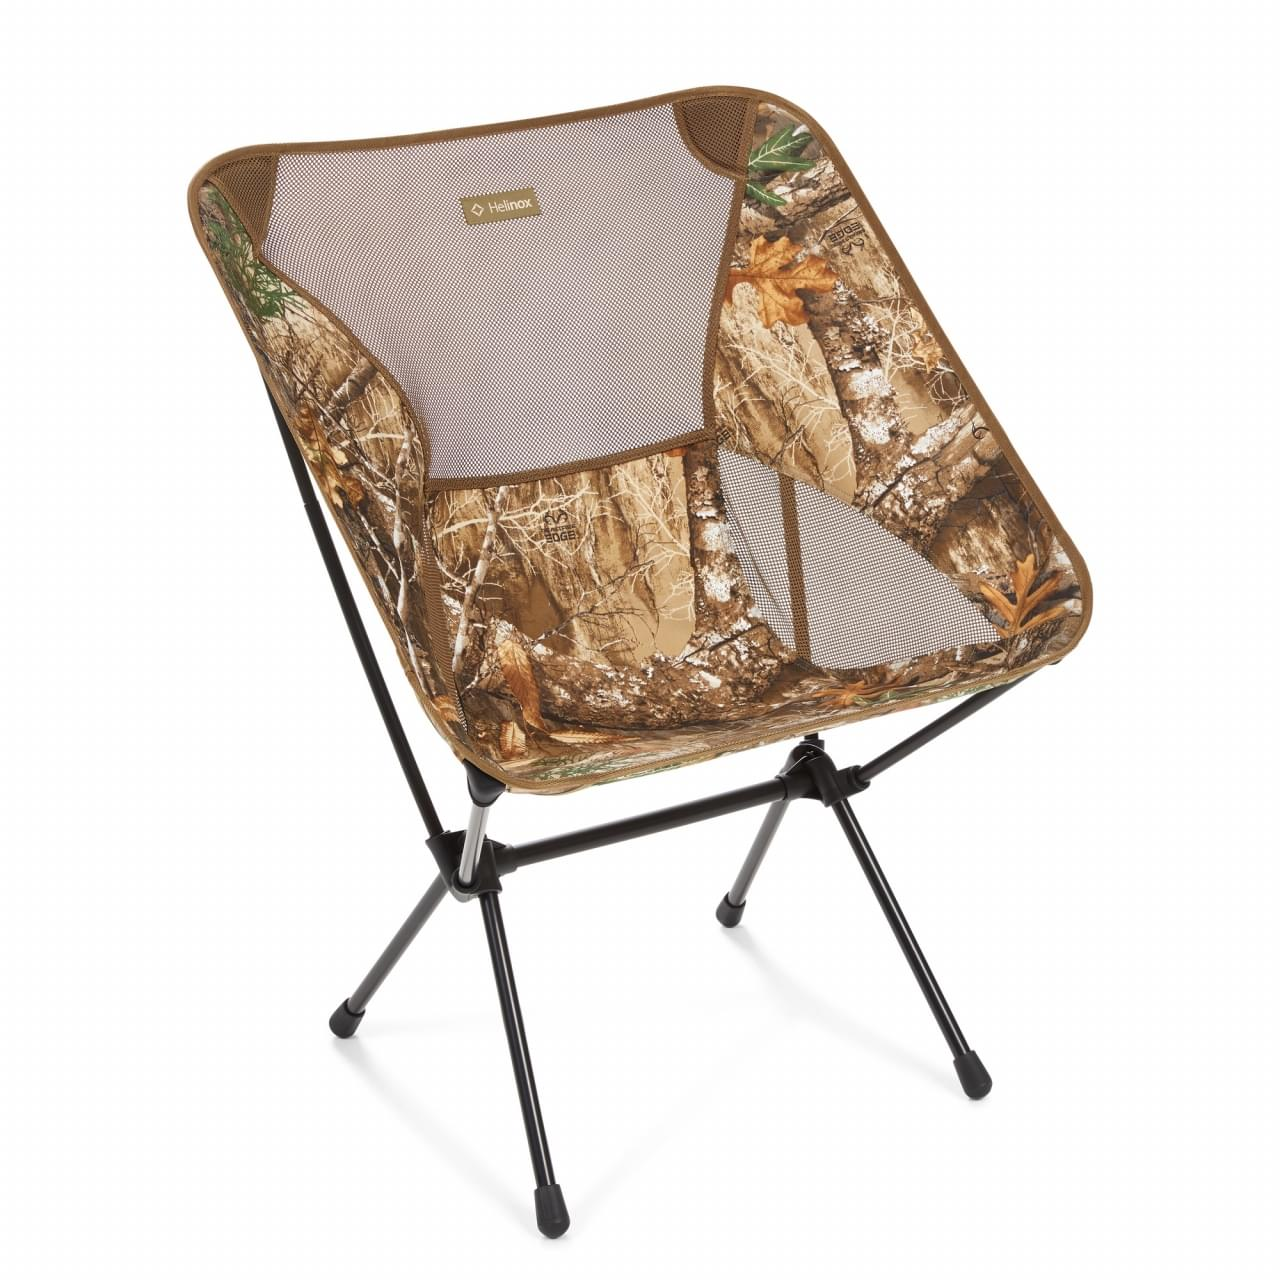 Helinox Chair One XL Special Lichtgewicht Stoel - Camouflage Bruin